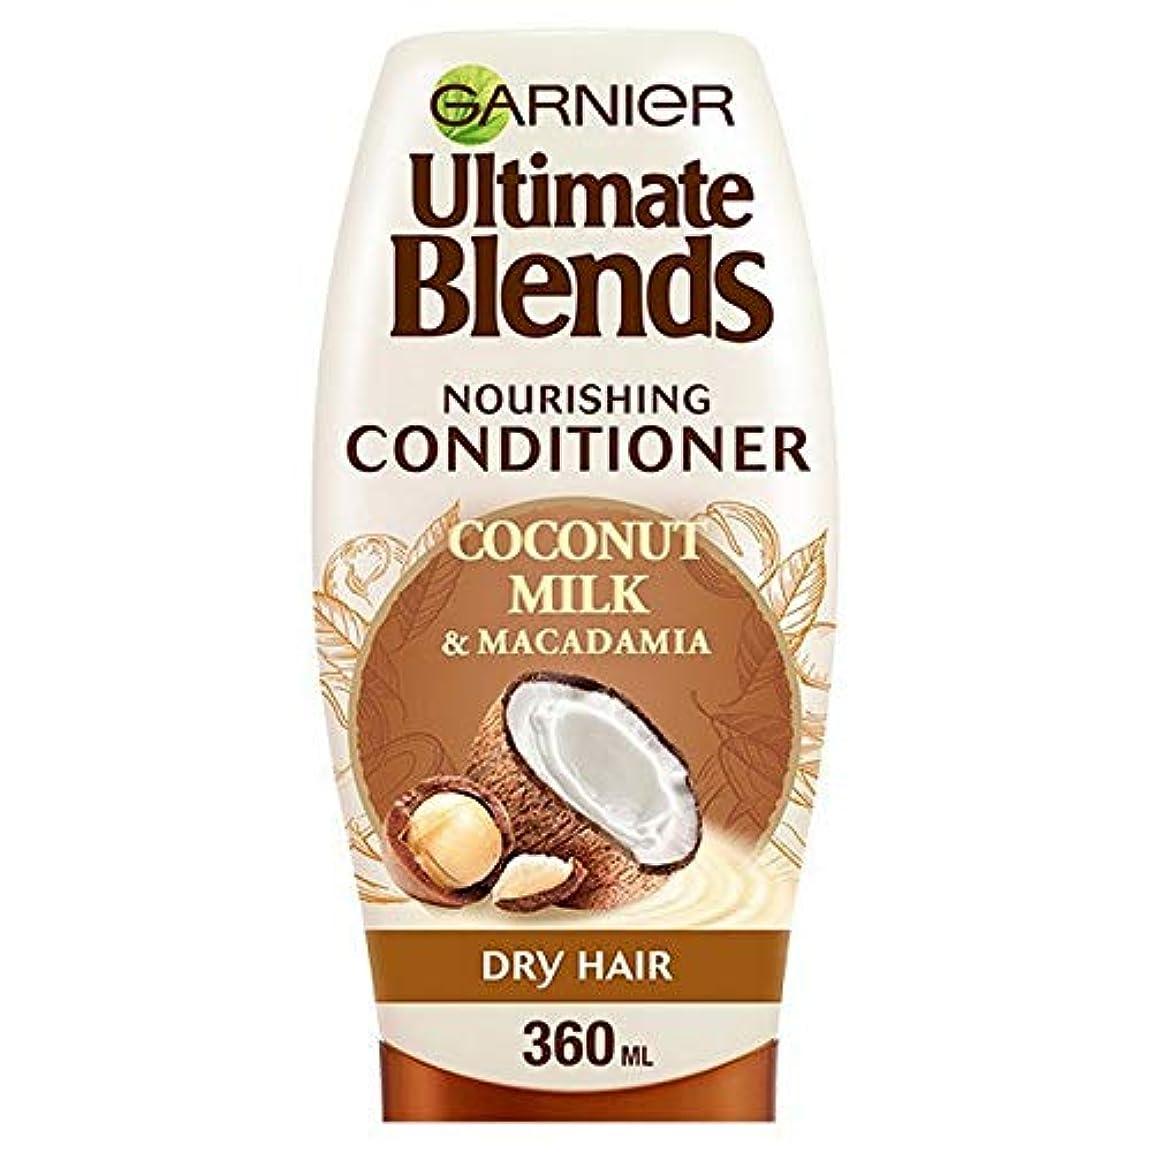 瀬戸際スクワイア幻想[Garnier ] 究極のブレンドココナッツミルクドライヘアコンディショナー360ミリリットル - Ultimate Blends Coconut Milk Dry Hair Conditioner 360ml [並行輸入品]